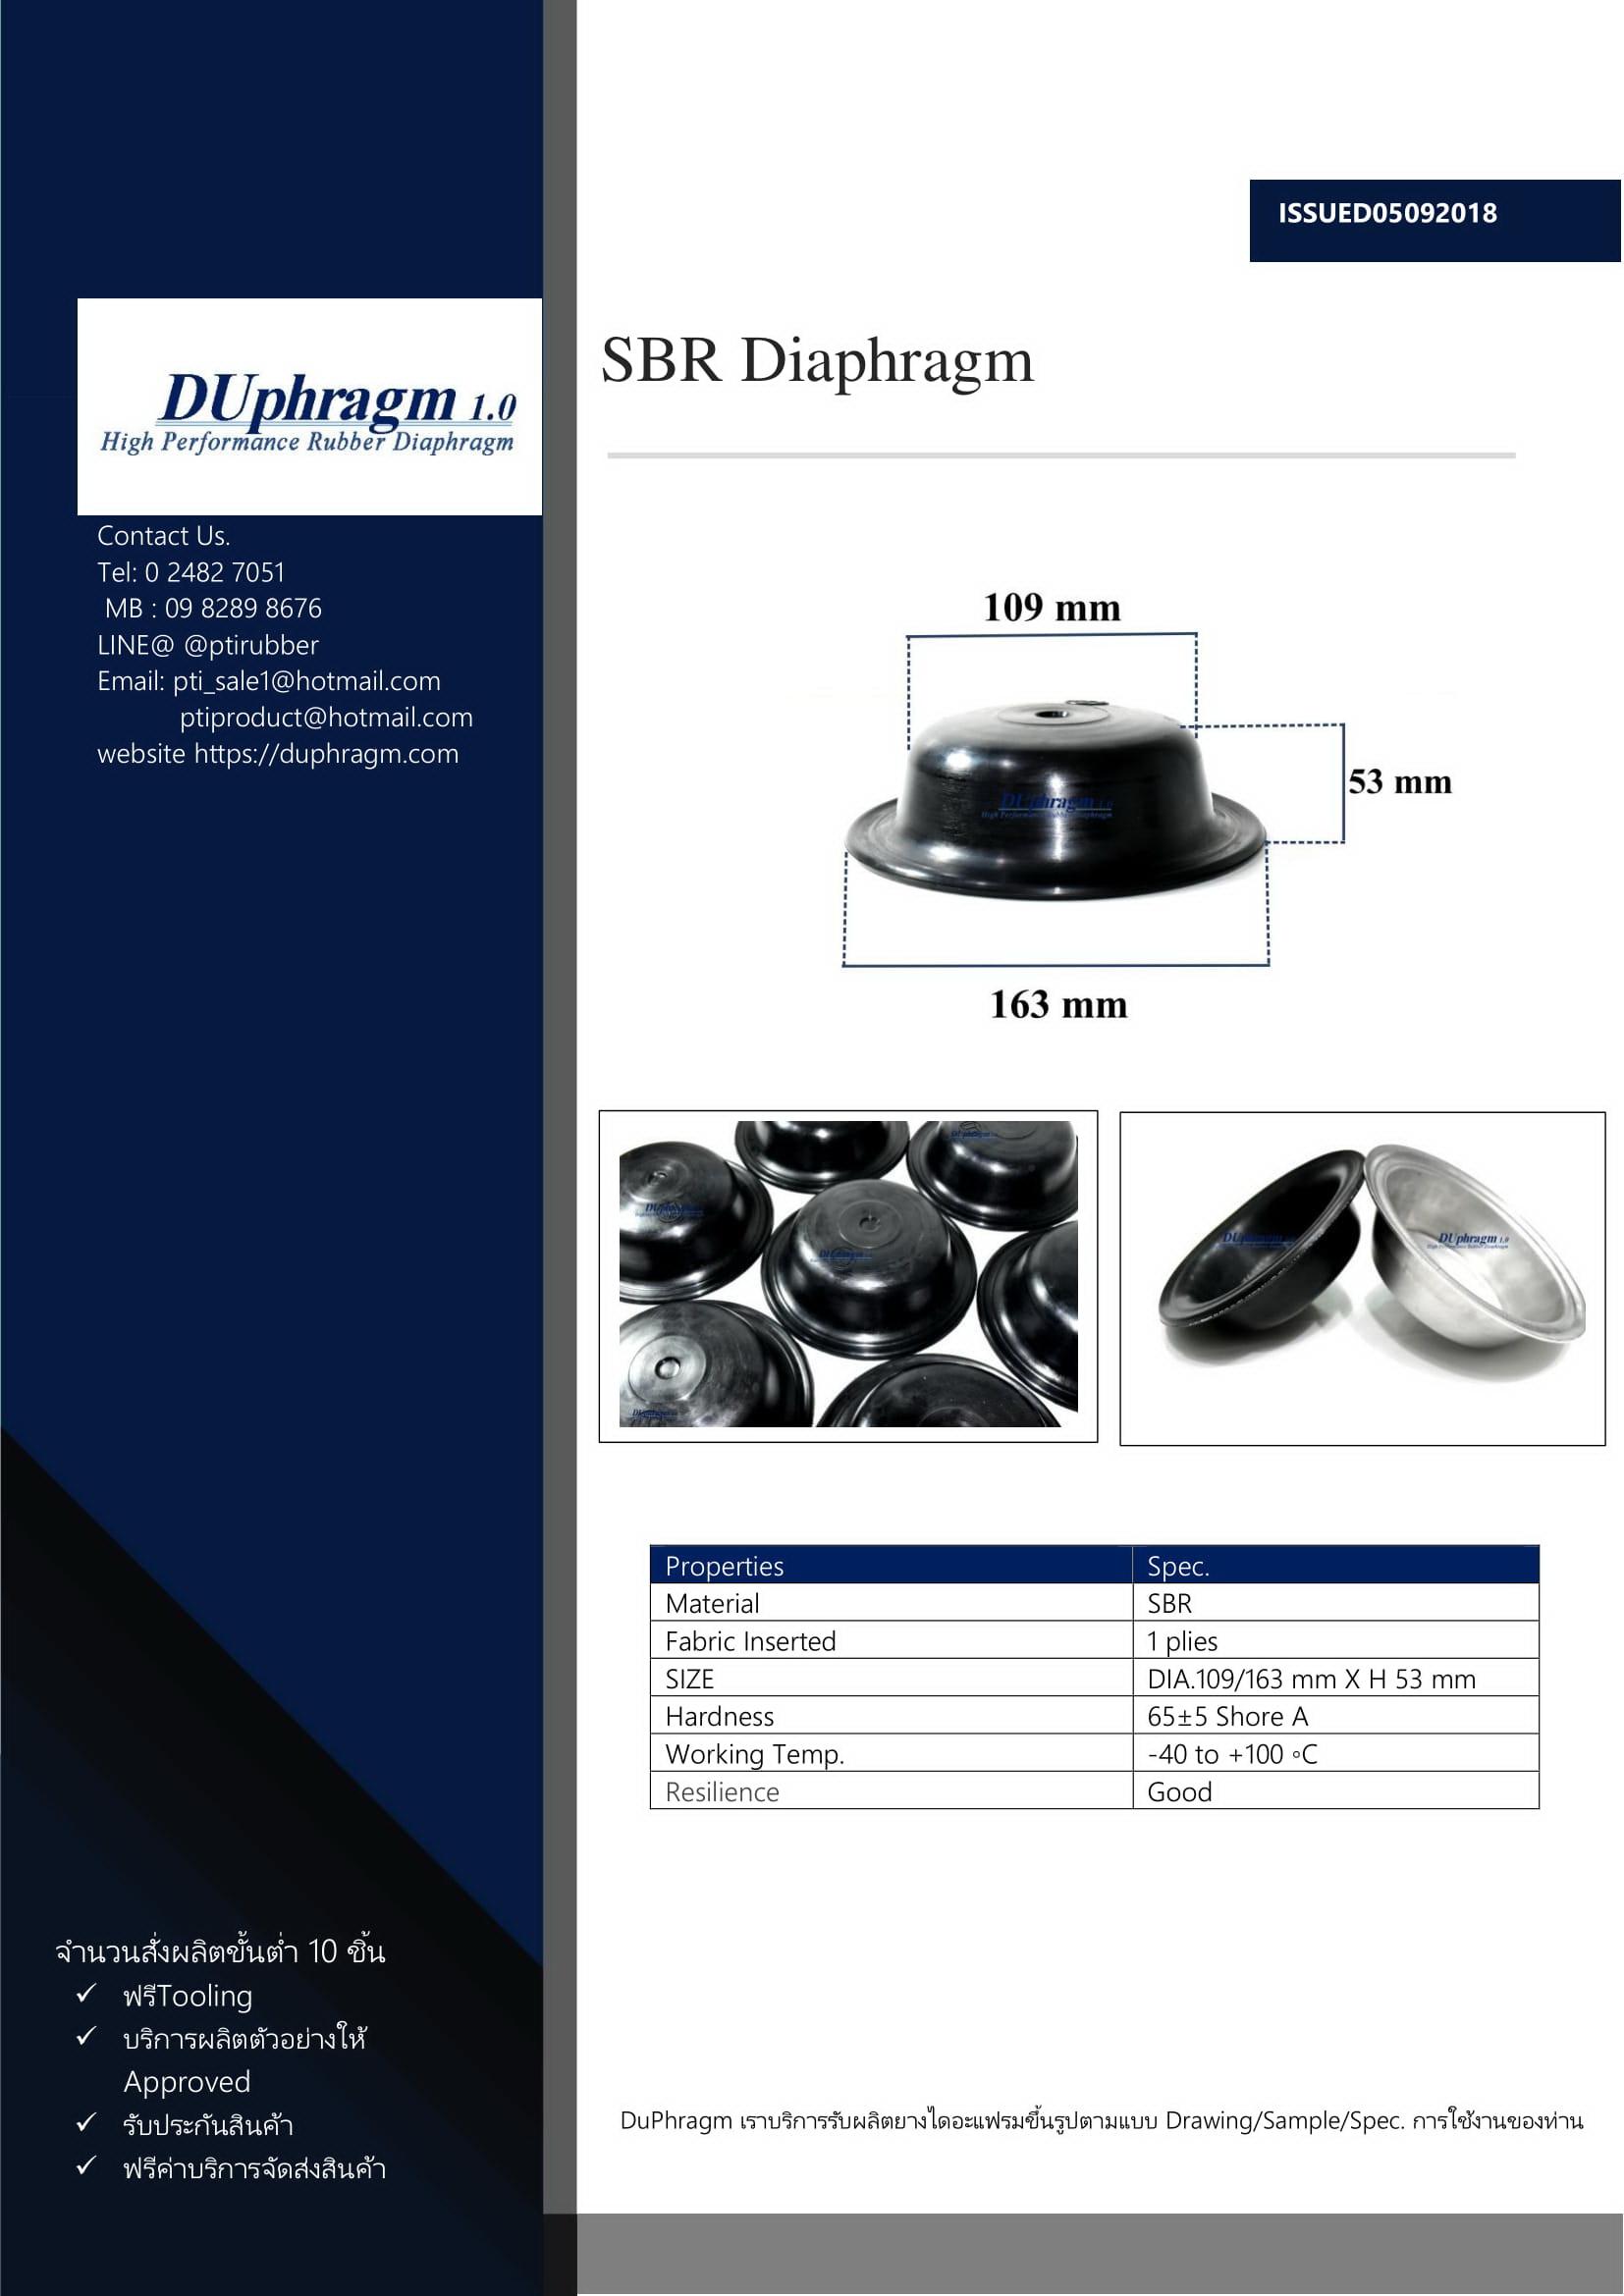 รับผลิตยางไดอะแฟรมSBR Rolling Diaphragm-1